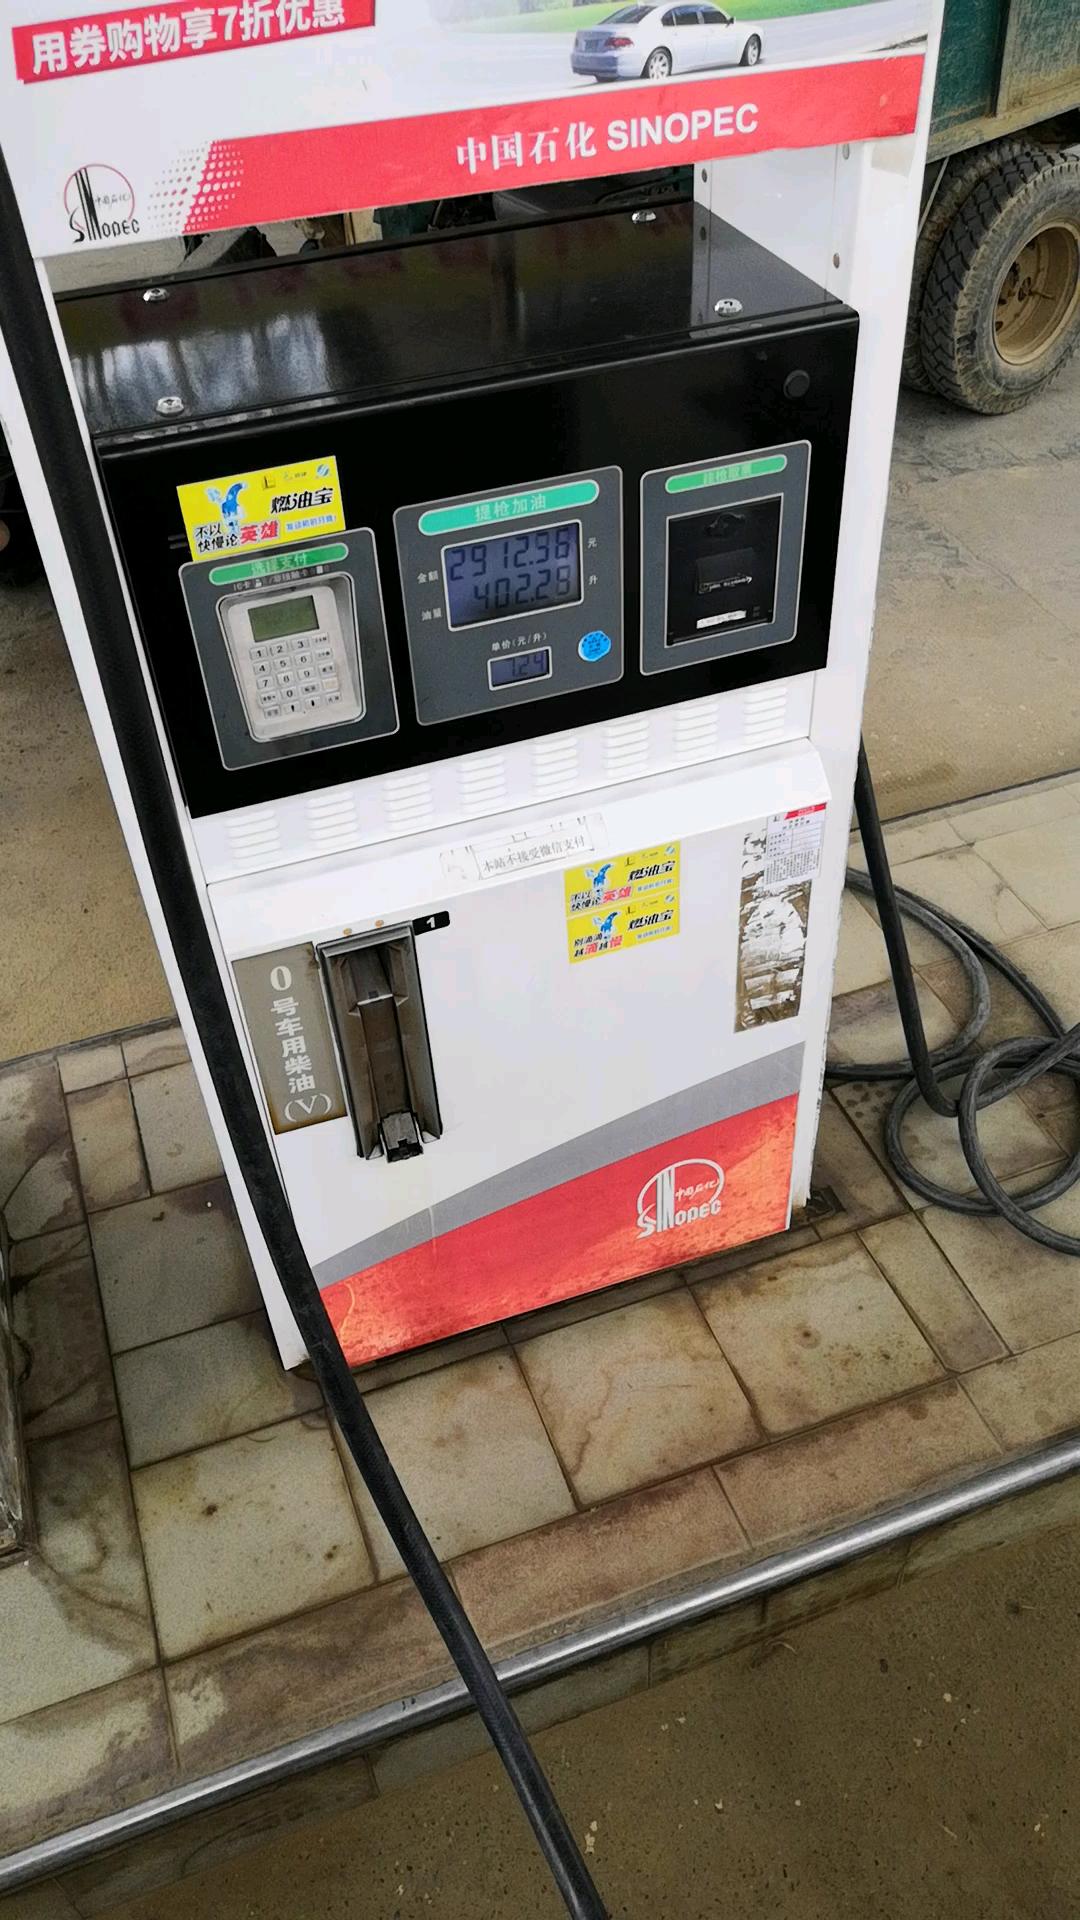 听说油价又涨了